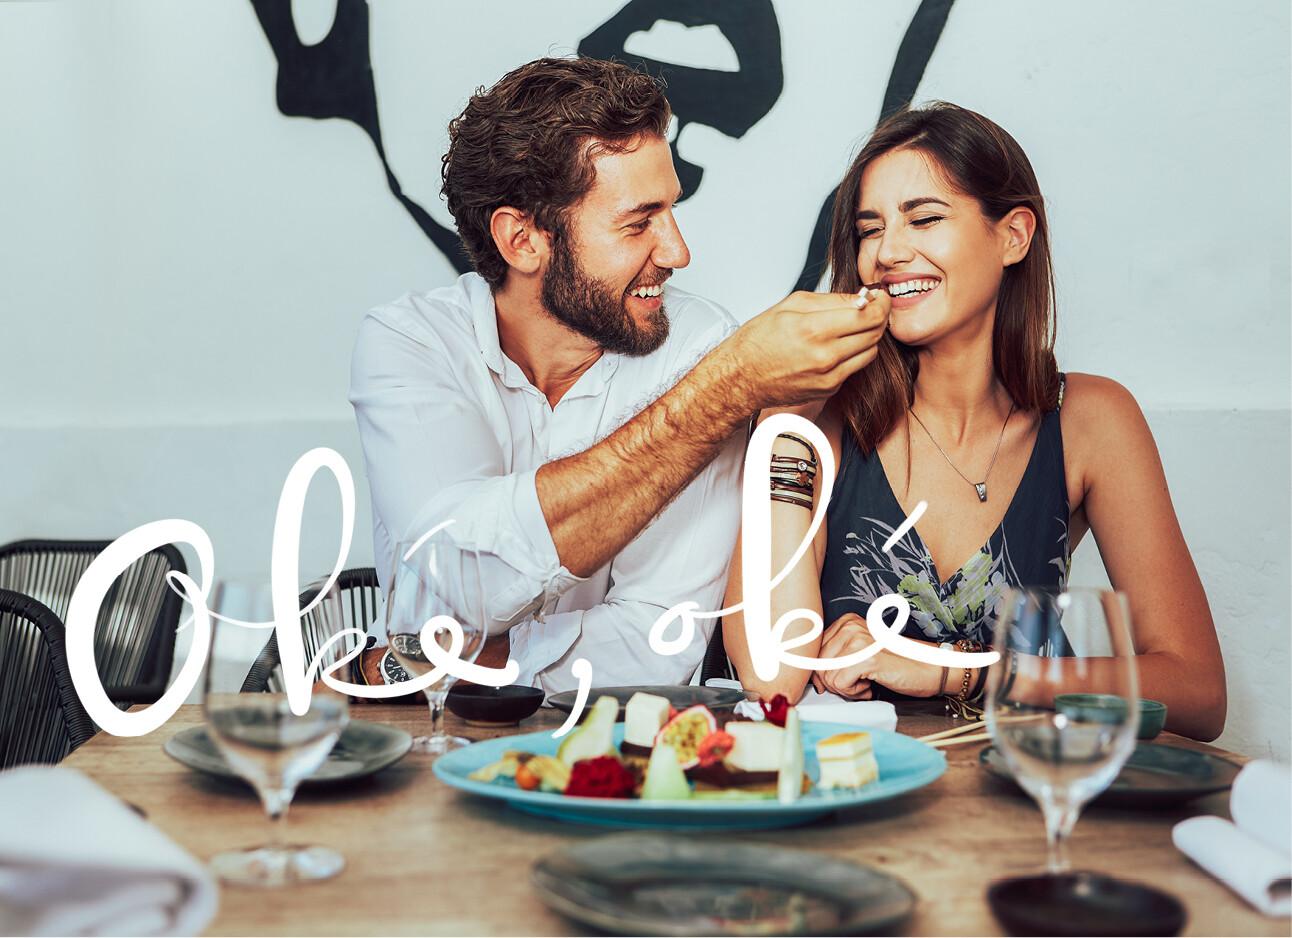 man en vrrouw aan het eten samen